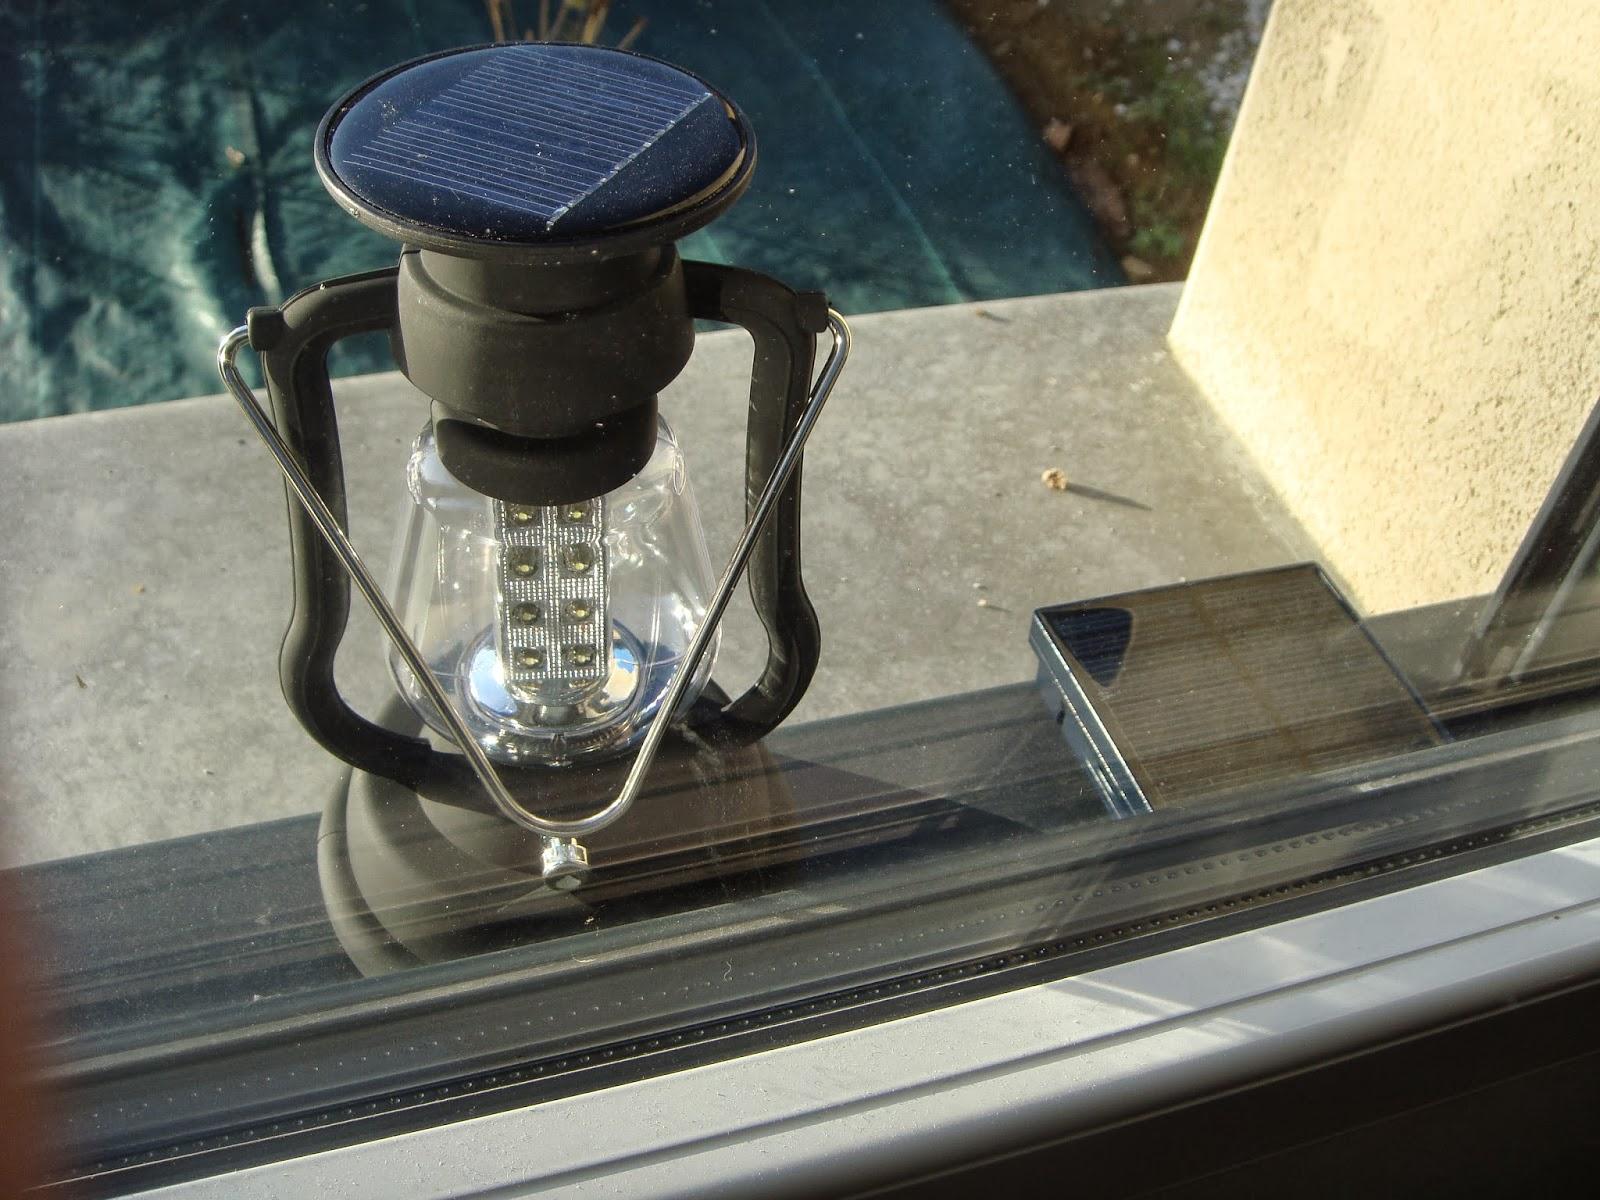 mon r chaud 35 lampe 16 led style lampe temp te id ale en cas de coupure de courant. Black Bedroom Furniture Sets. Home Design Ideas